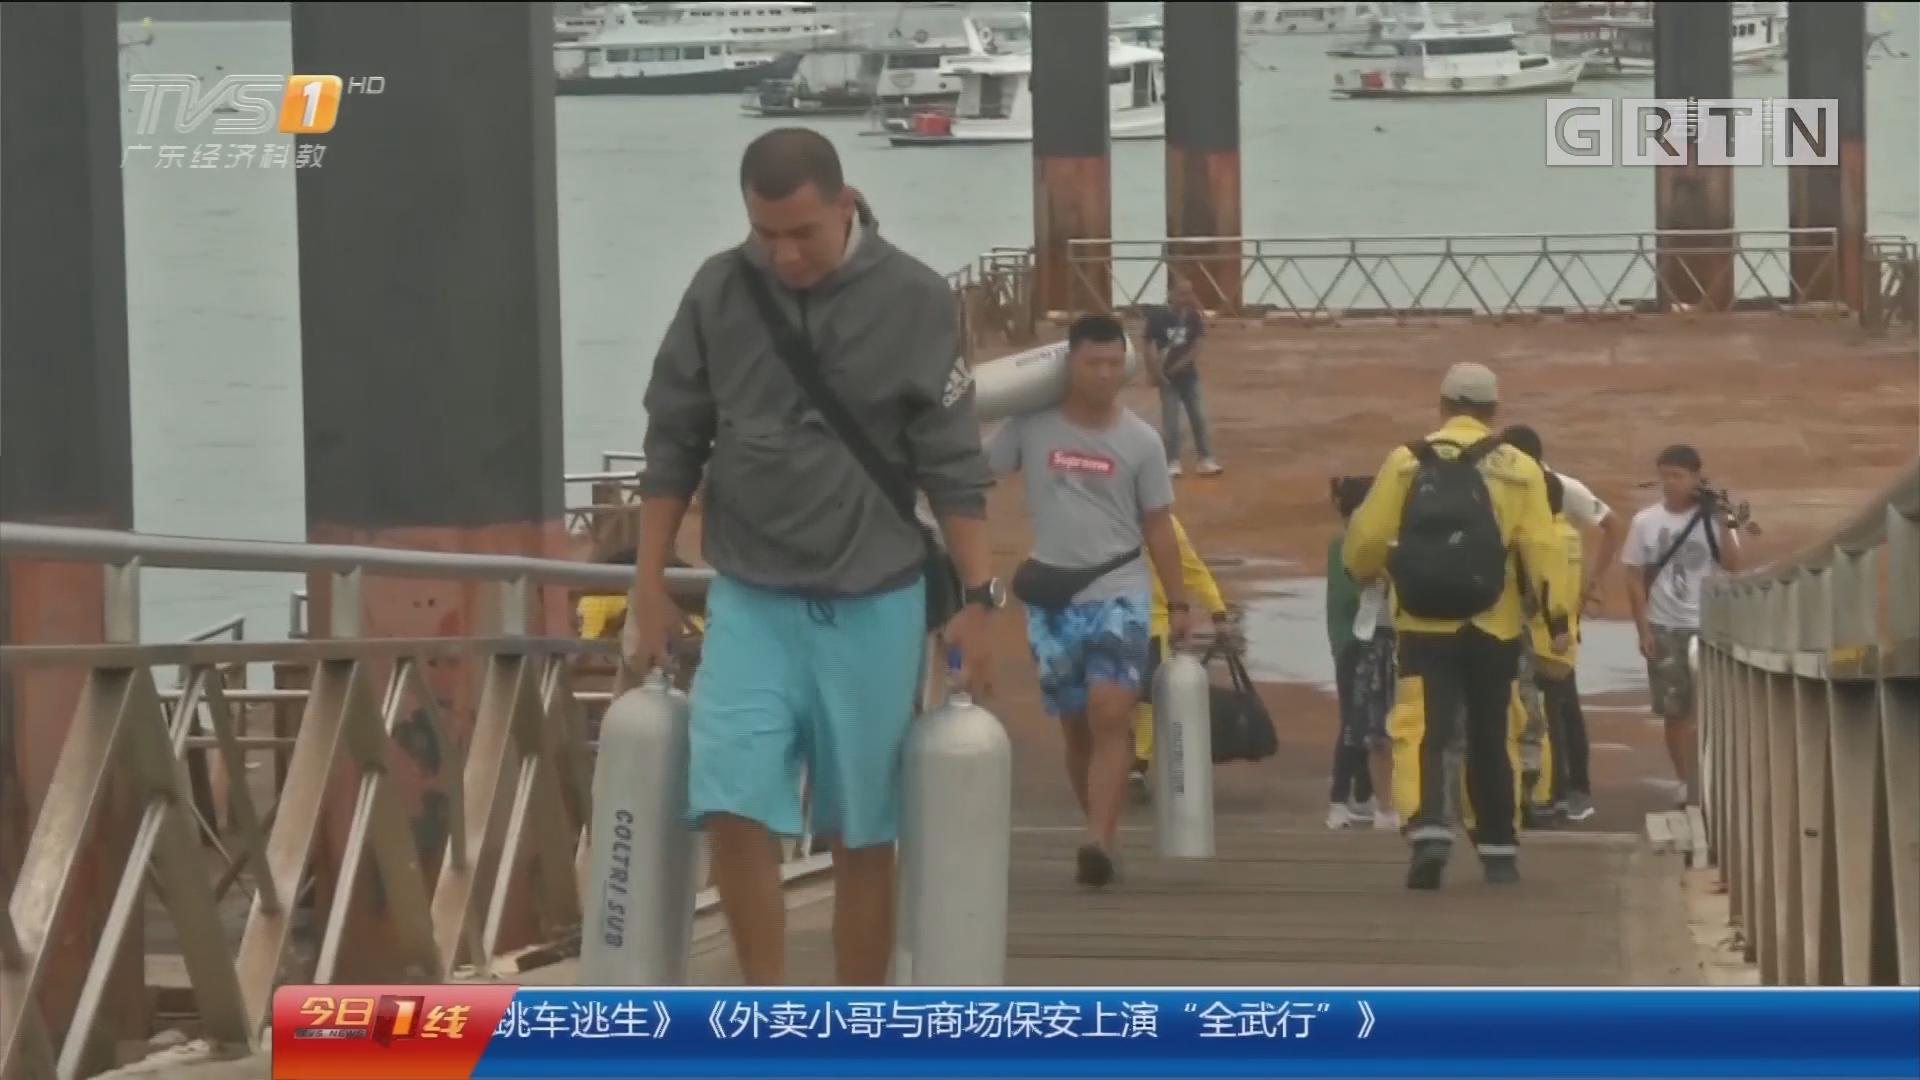 关注泰国游船倾覆事件:80后广州潜水教练 超级限下潜救援